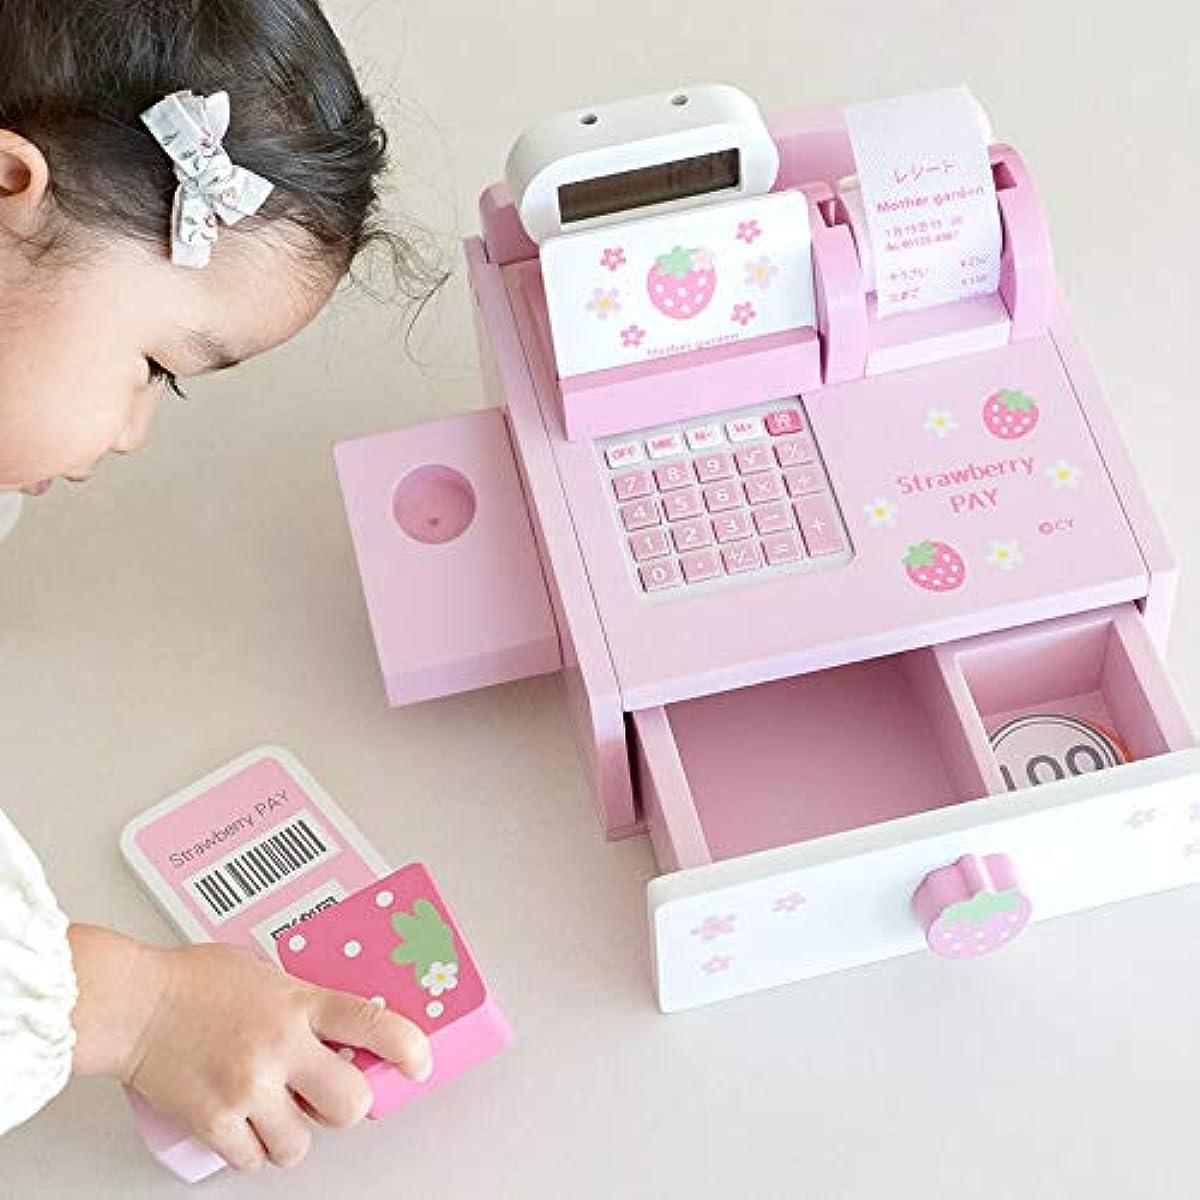 [해외] 마더 가든 나무의 소꿉놀이 딸기 레지스터 쇼핑 레지스터 캐쉬 레지스터 레지스터